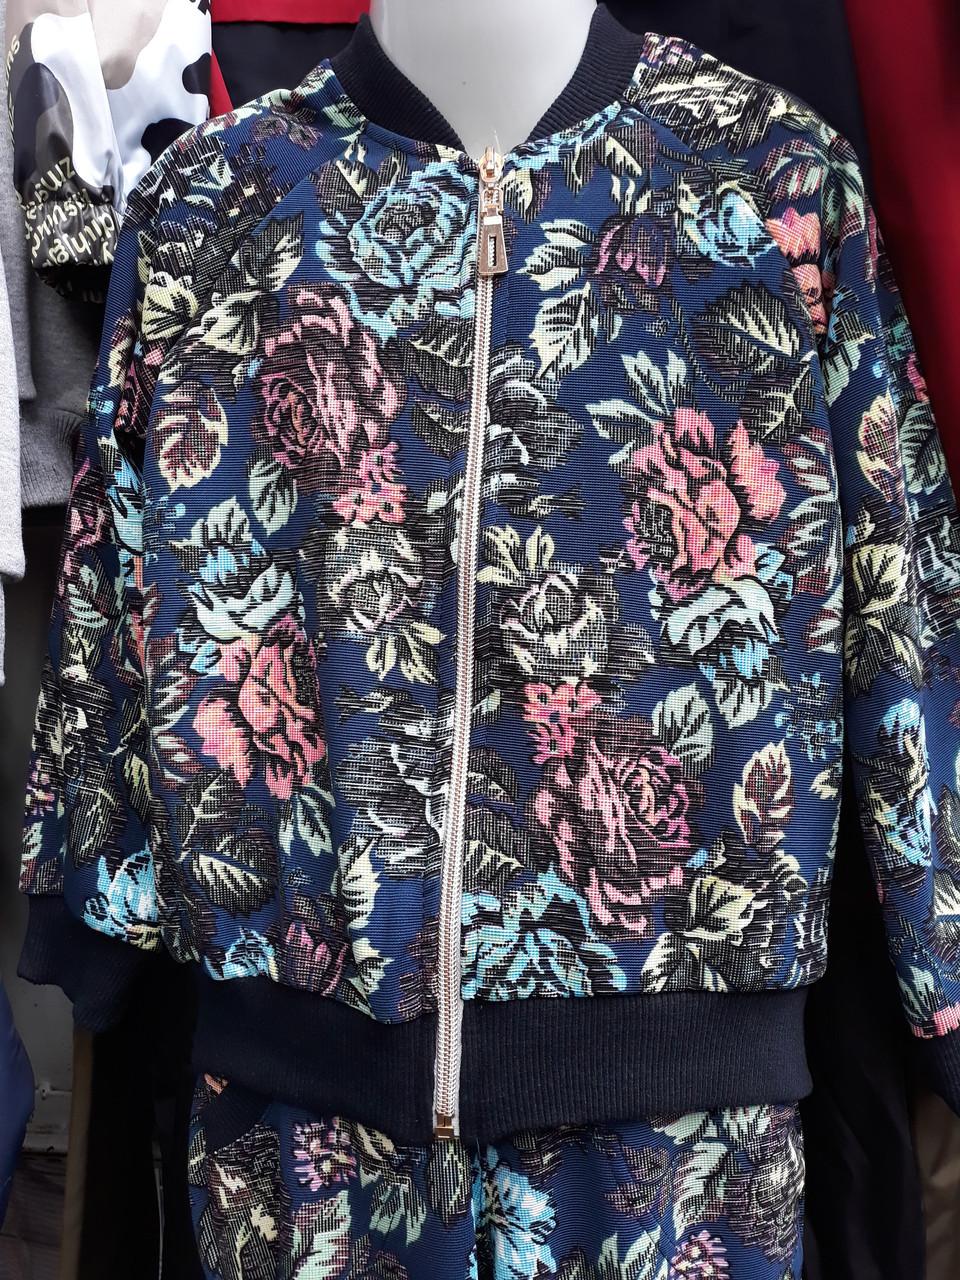 d896c127a250 Детский спортивный костюм для девочки с цветочным принтом -  Оптово-розничный магазин